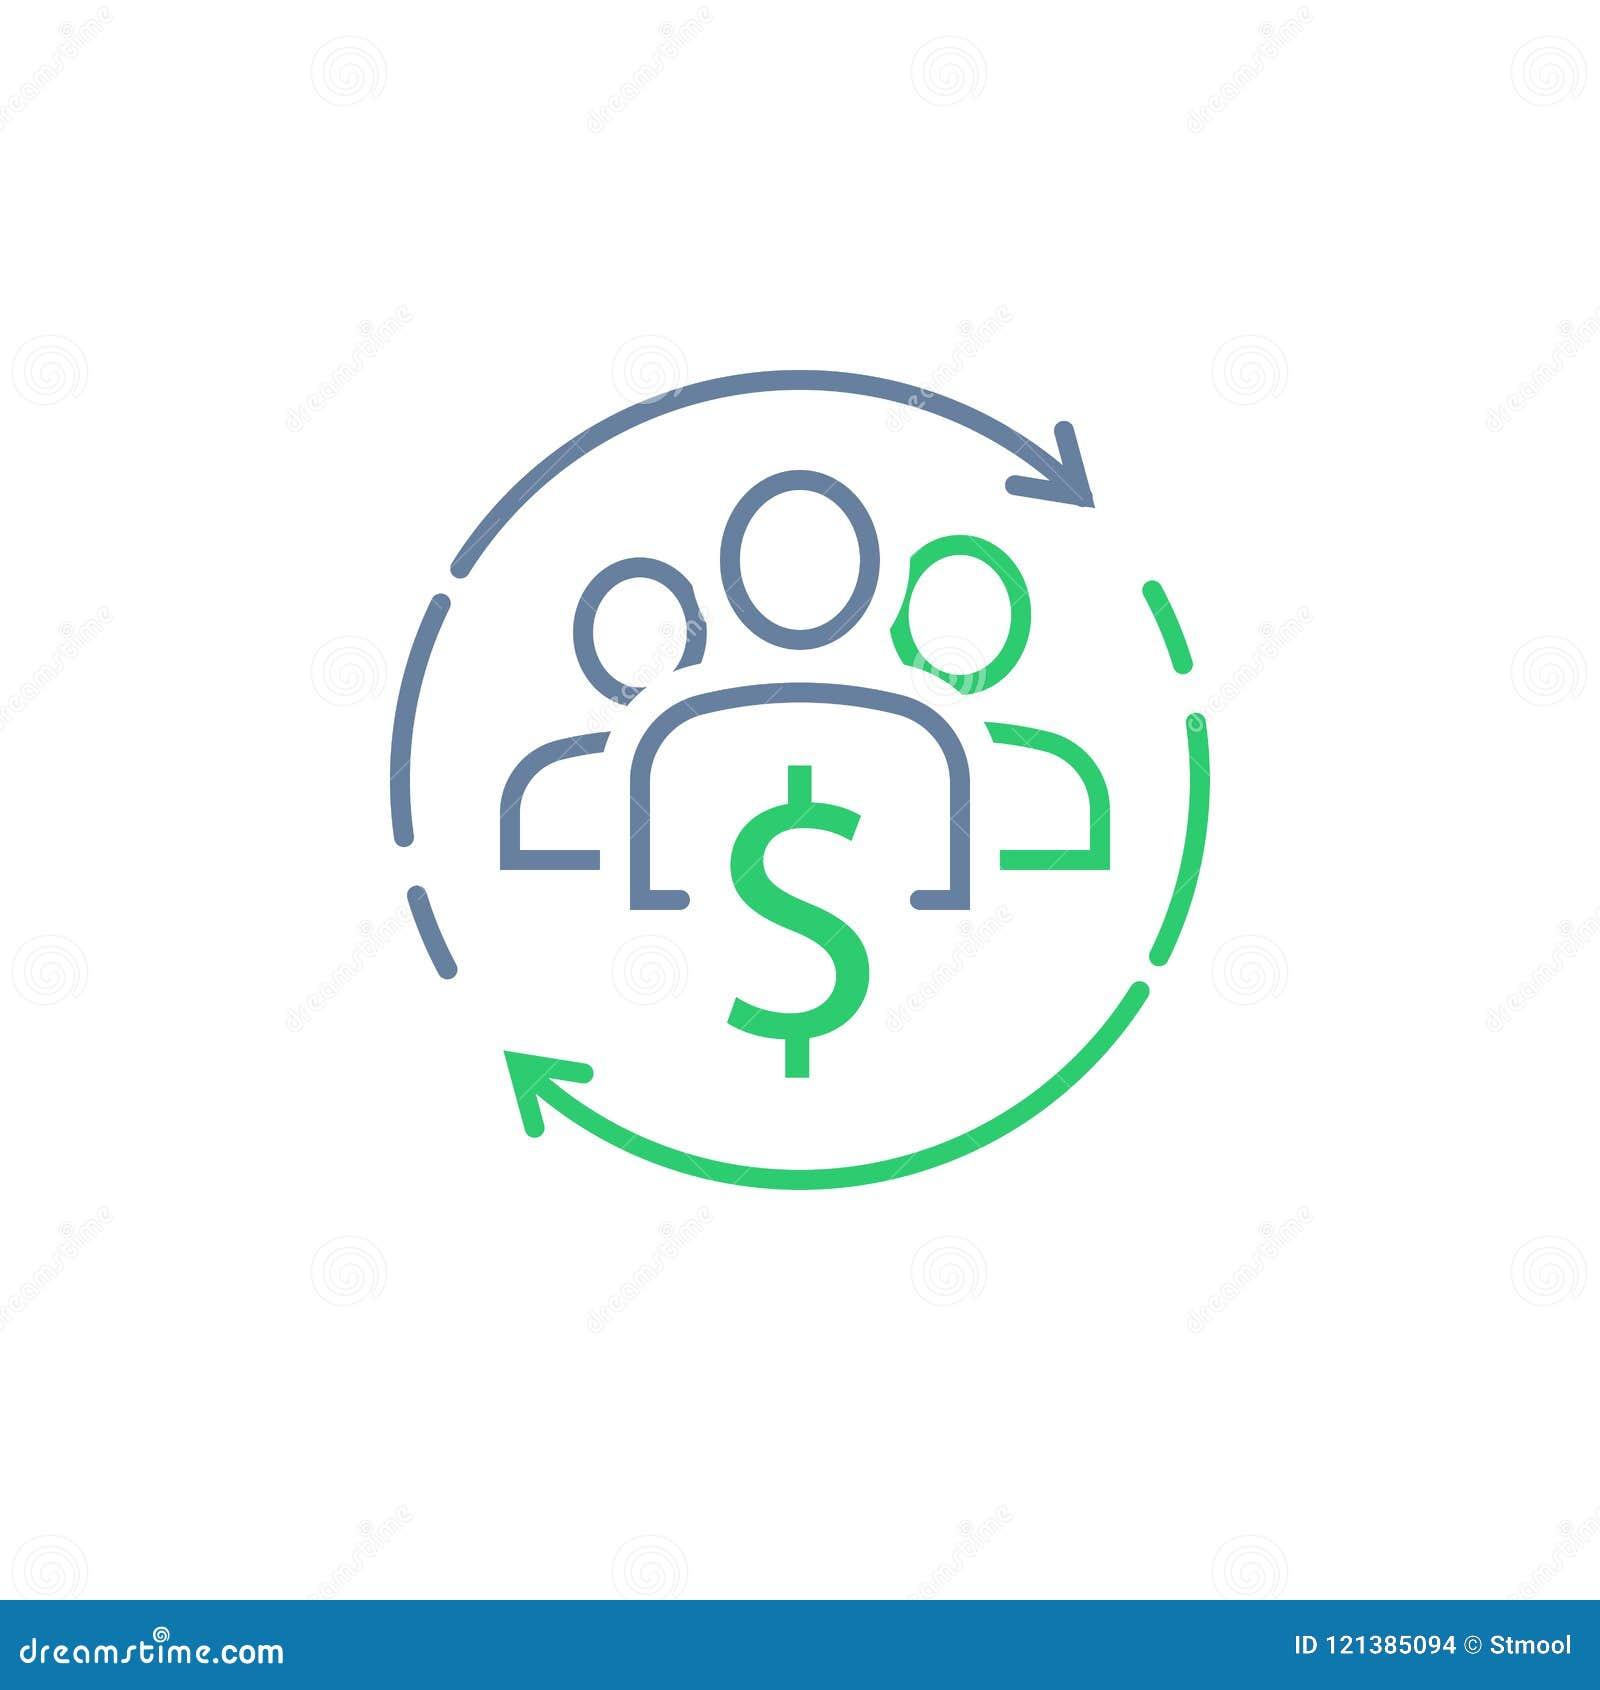 De beleggingsmaatschappij, de collectieve dienst, deelde economieconcept, financieel beheer, nieuwe handelsinvesteringen, menigte